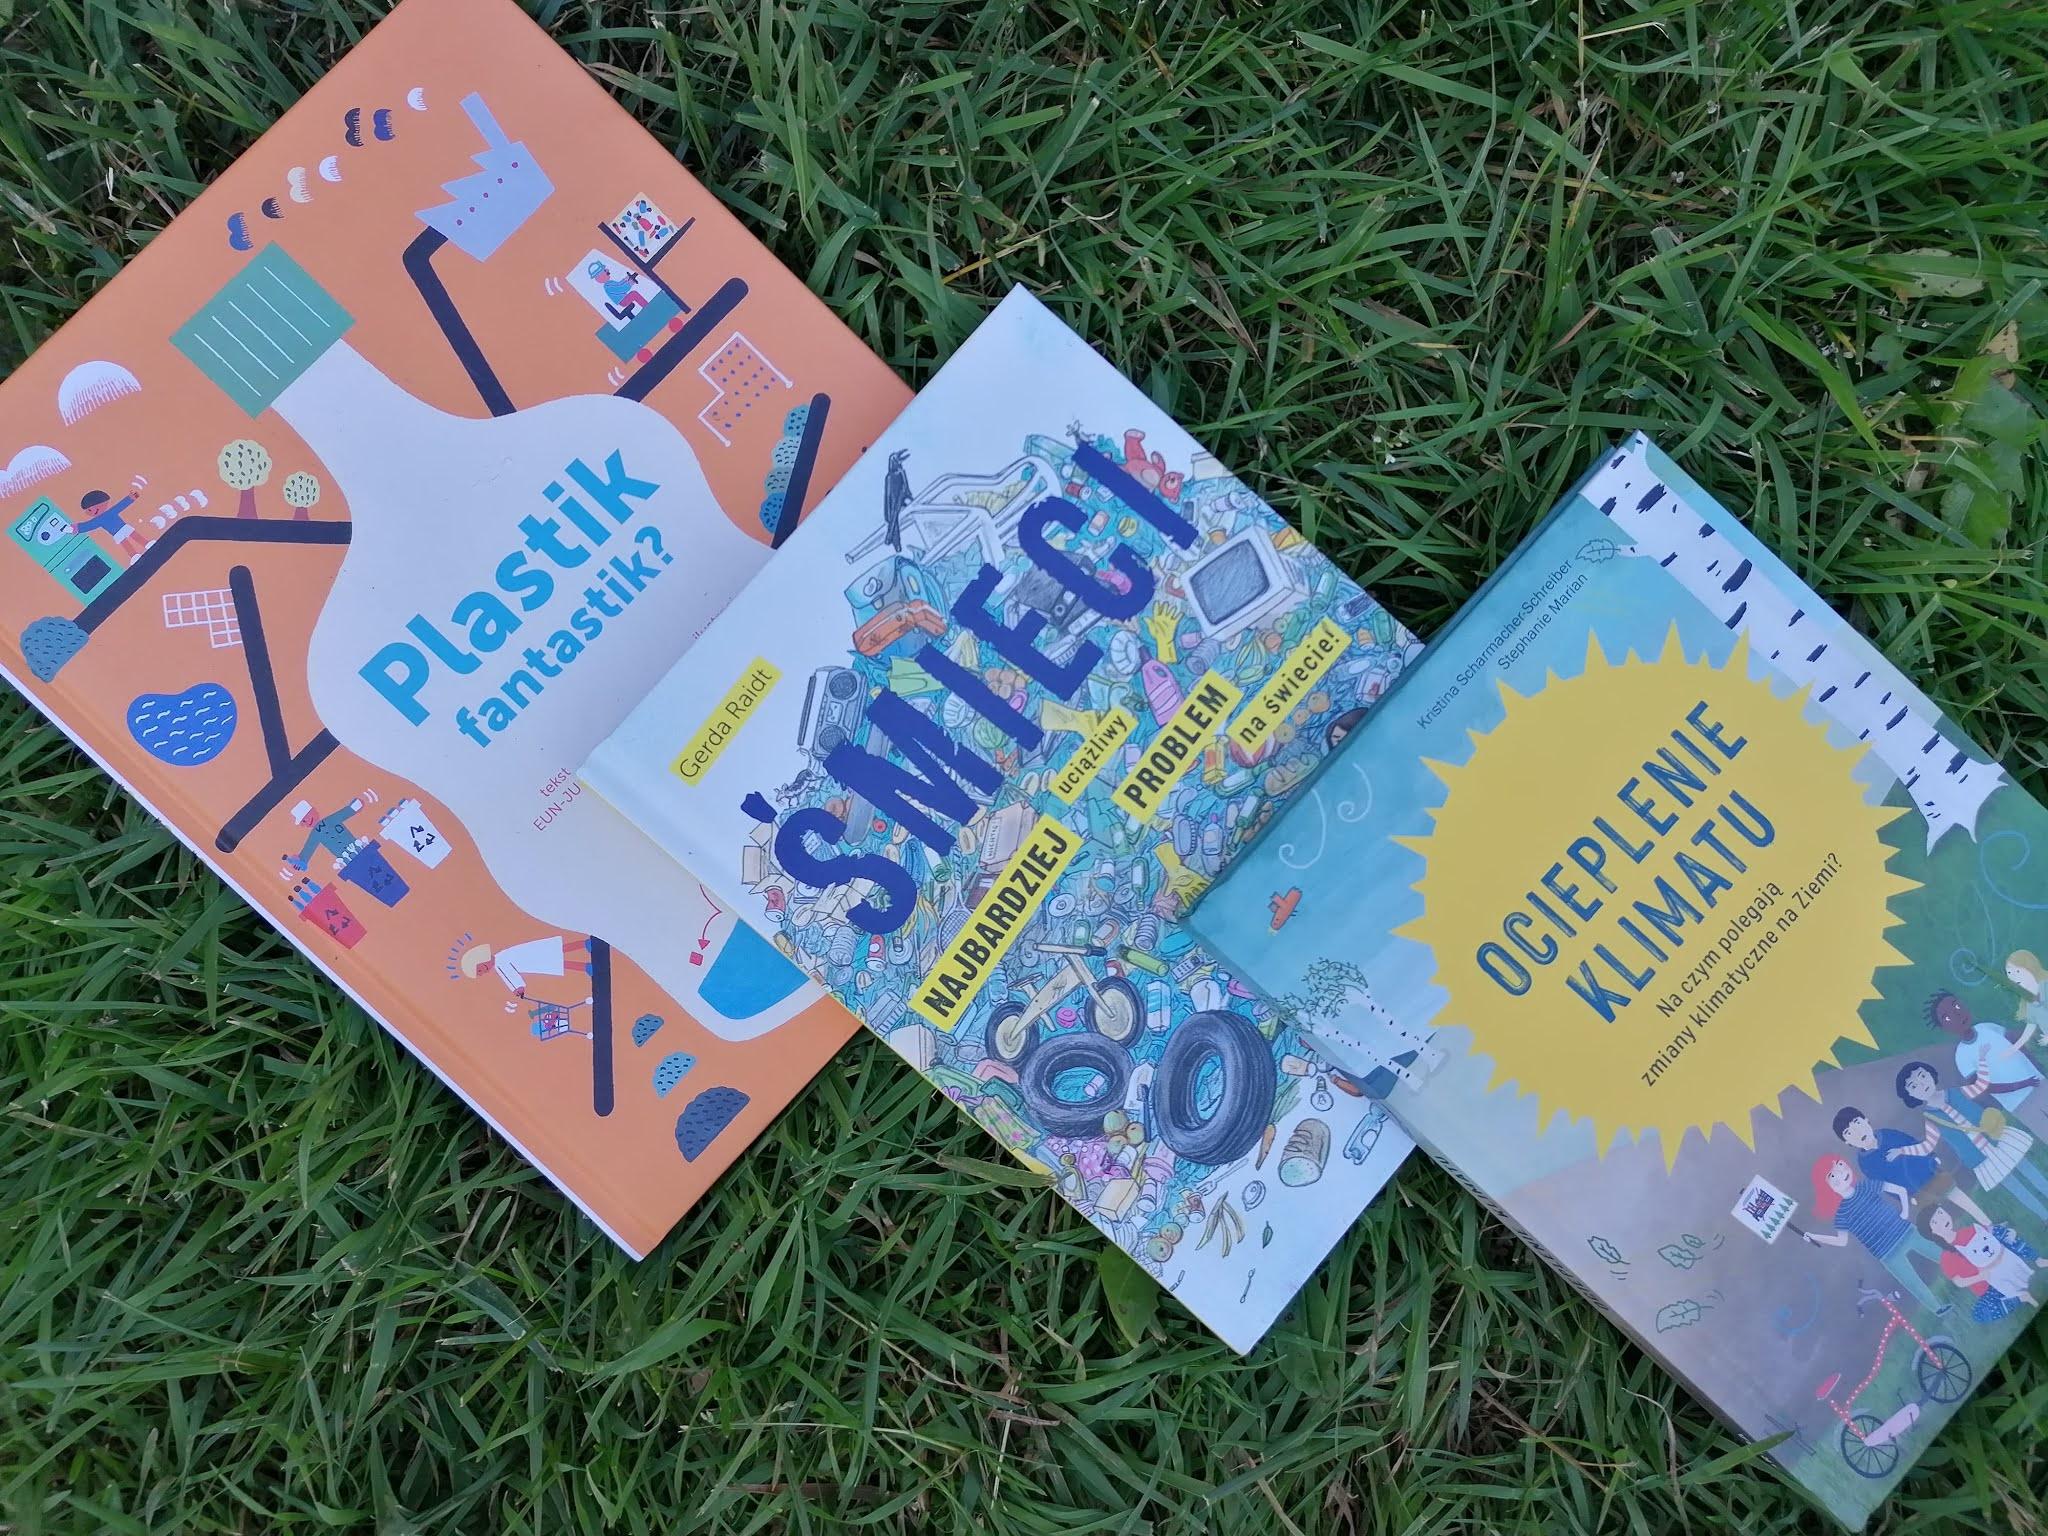 dzieci, książki, śmieci, dbanie o ziemie